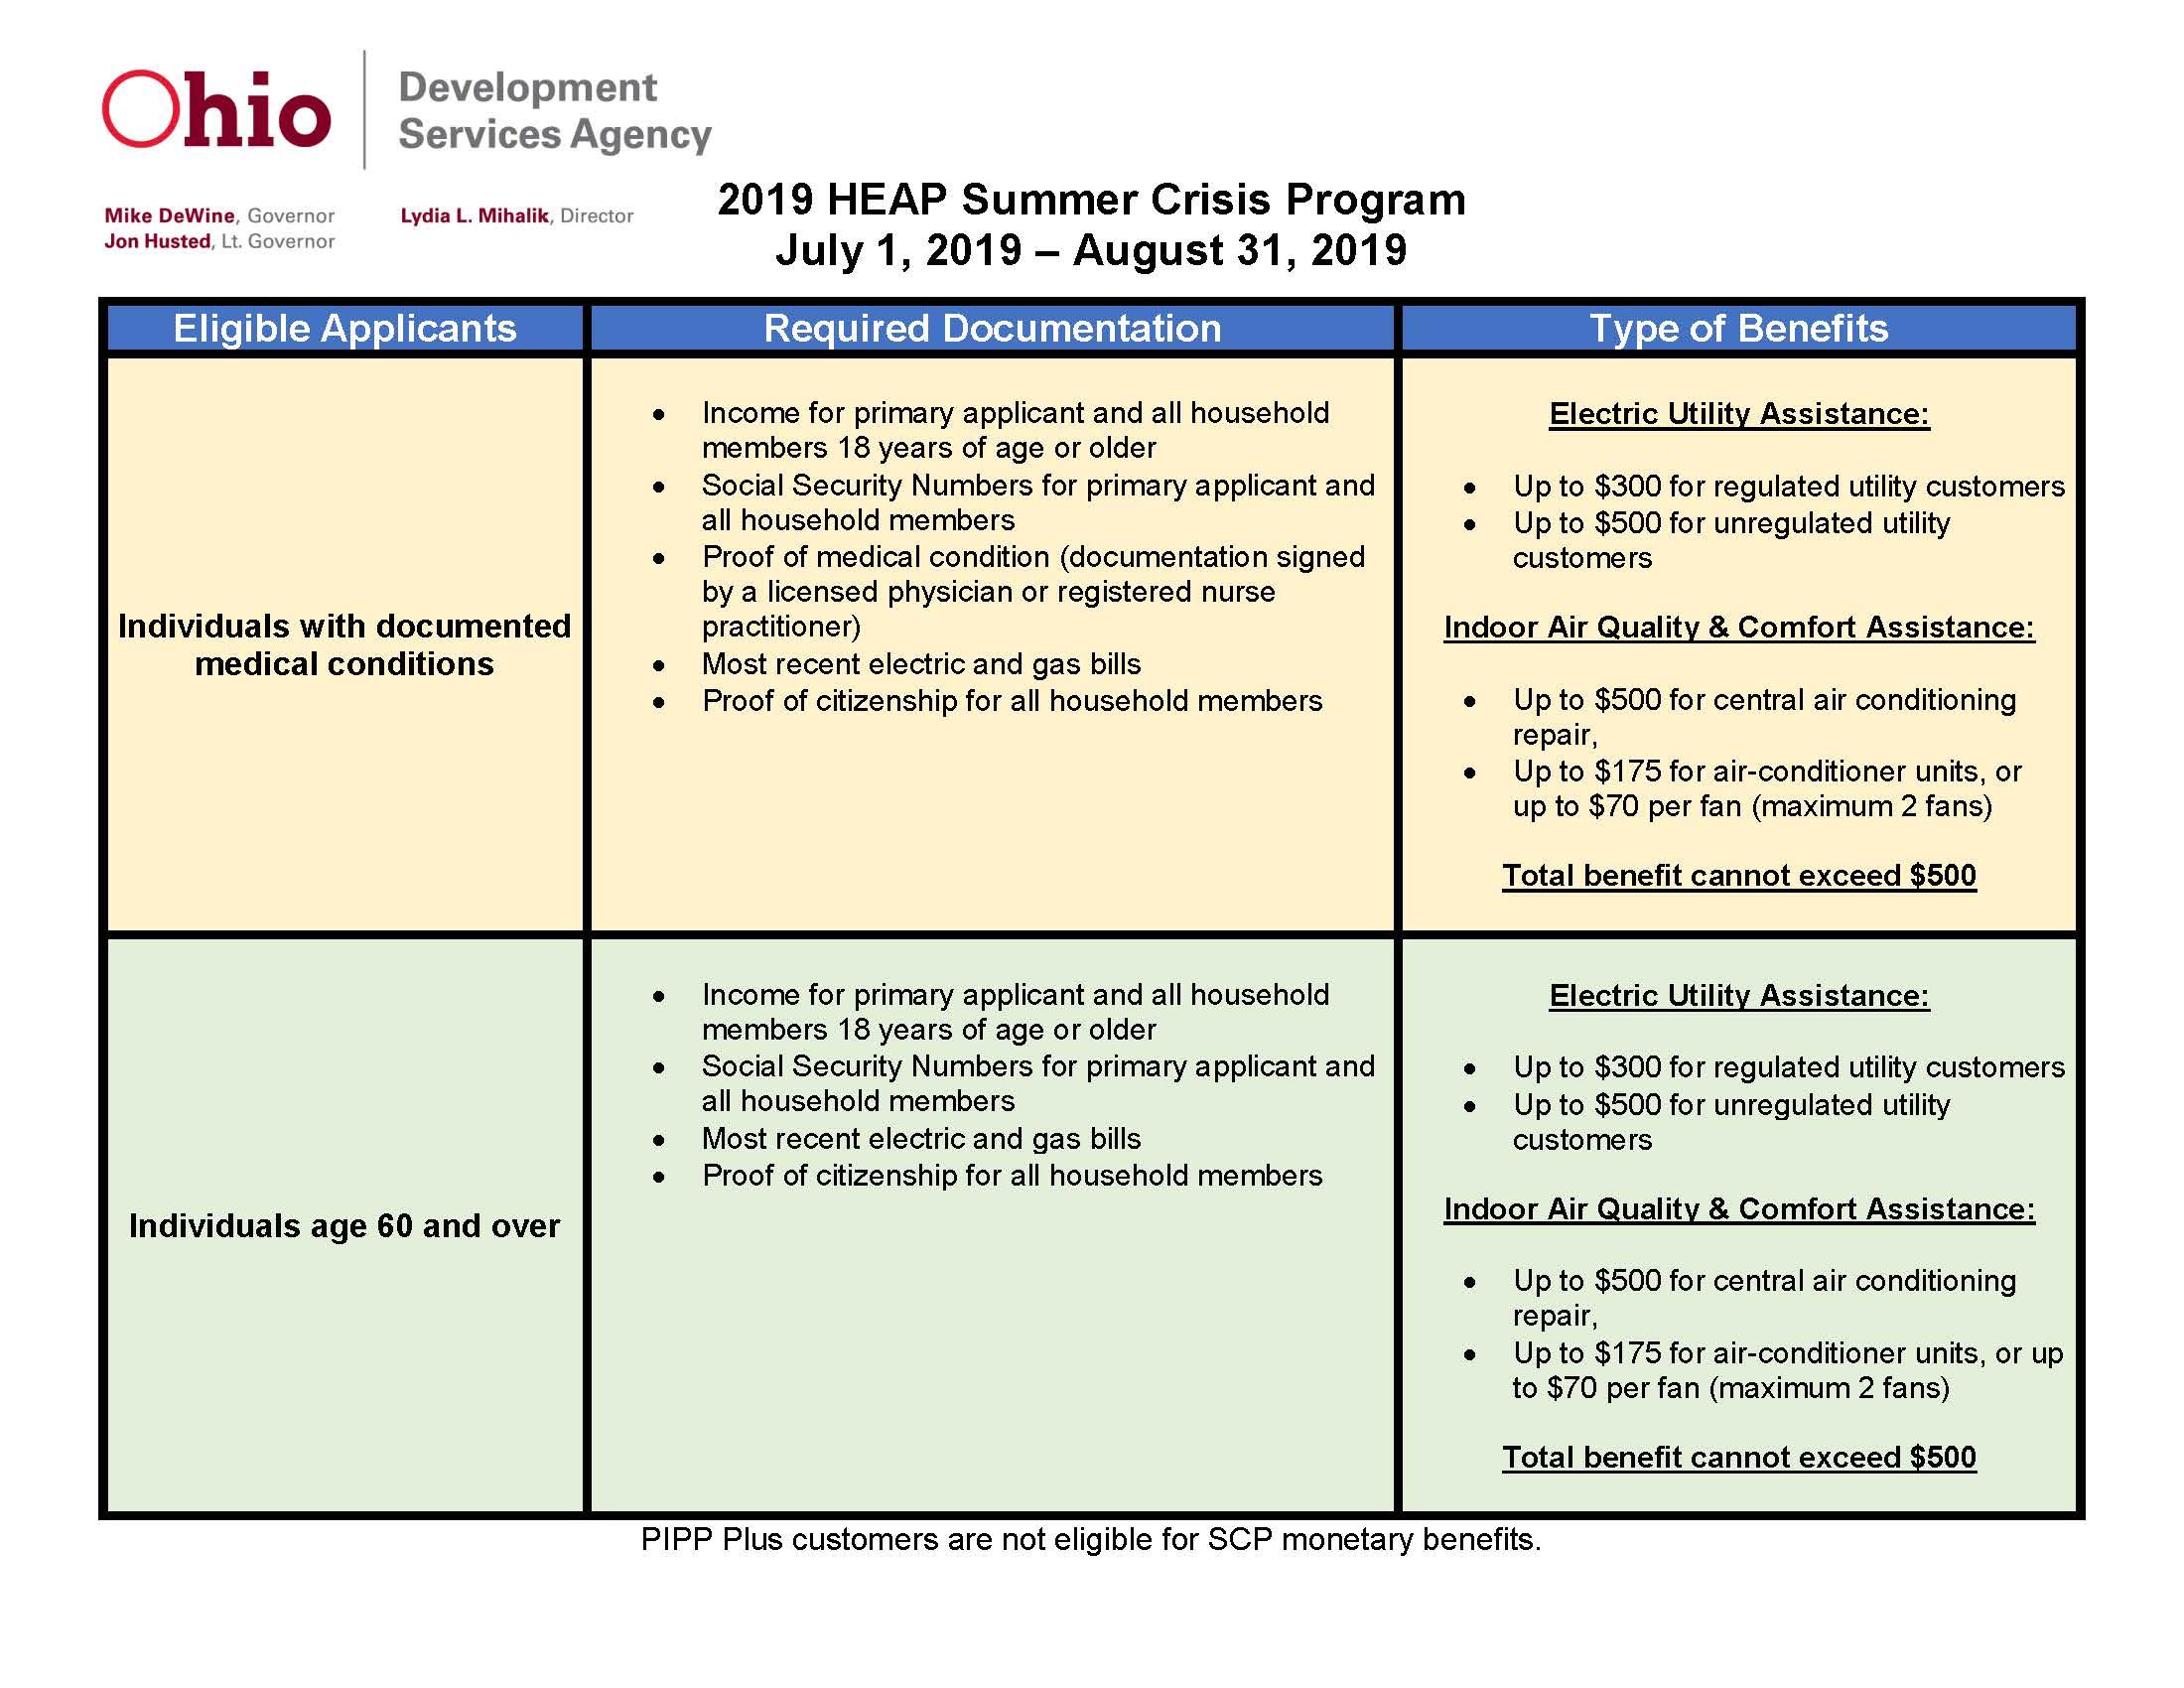 2019-014 ATTACHMENT HEAP Summer Crisis Program Benefit Table 2019.jpg